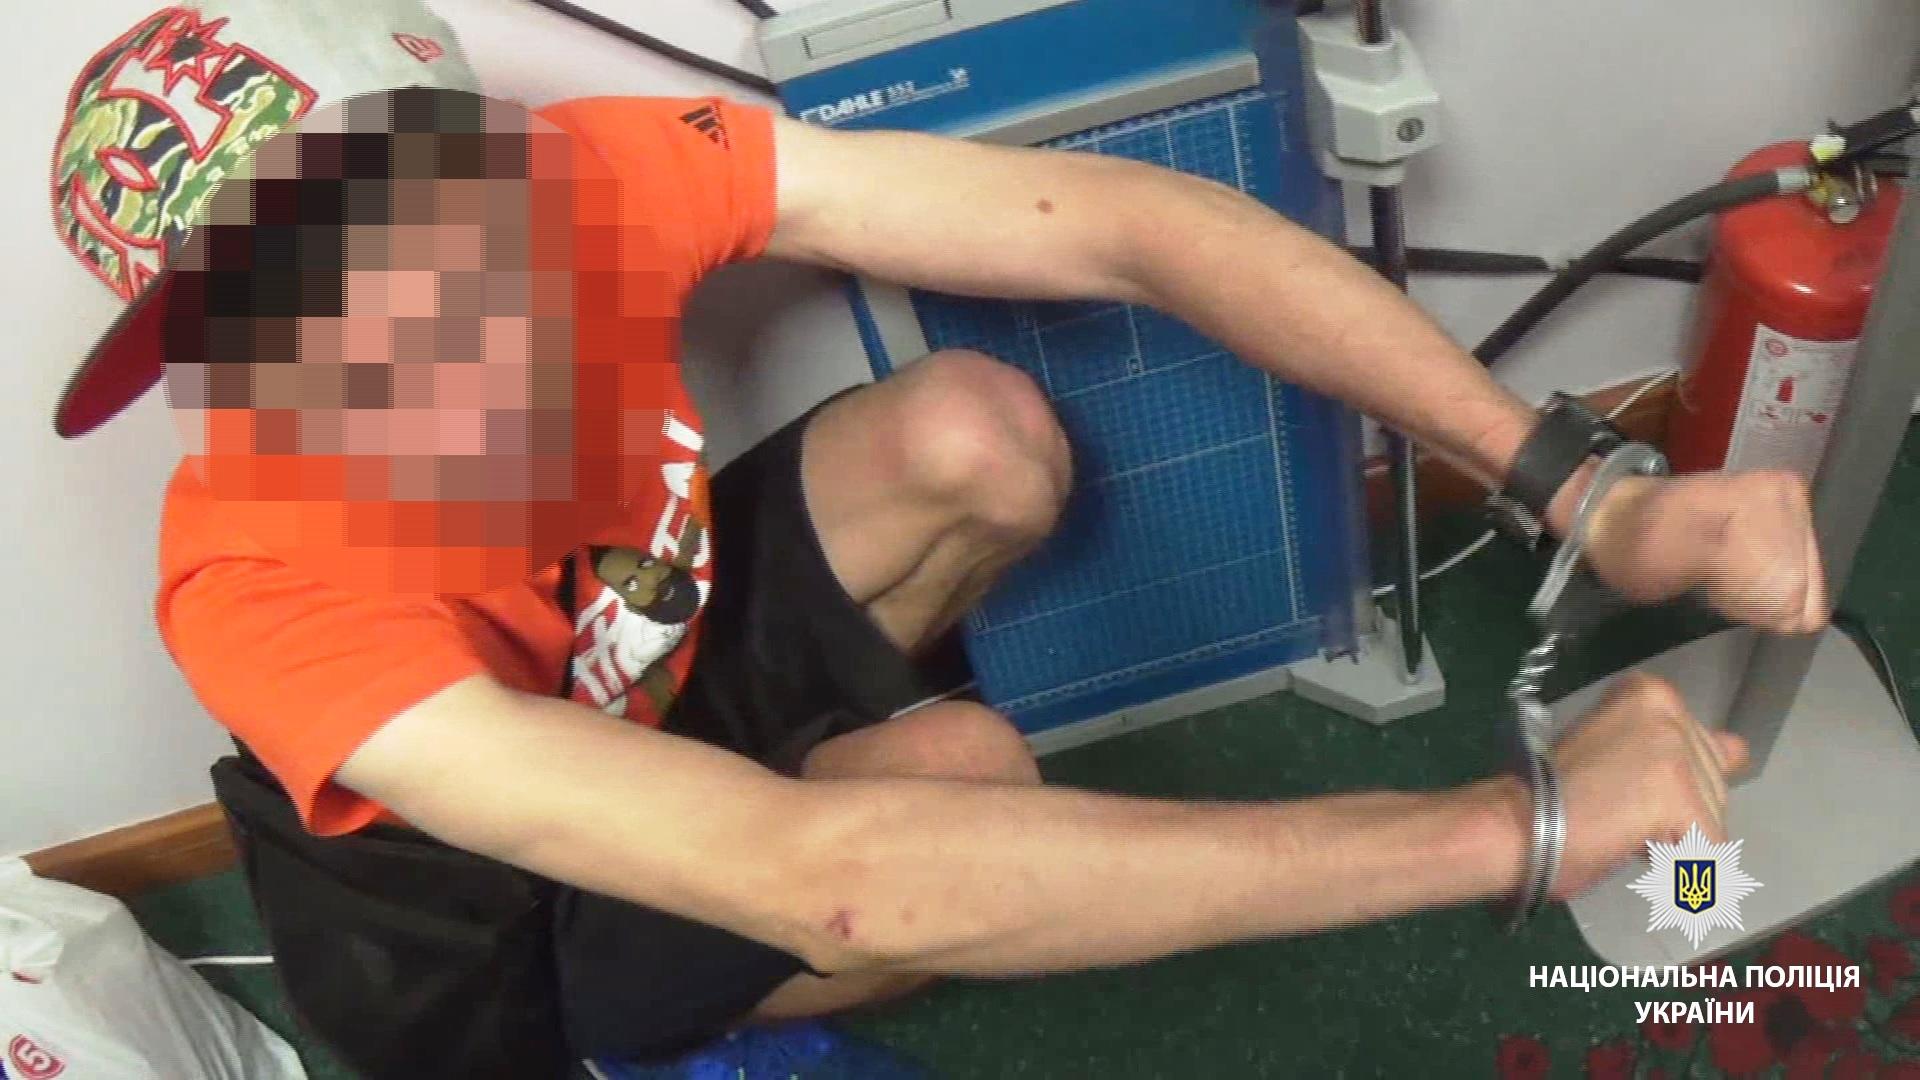 Подробности задержания вора-альпиниста, который украл из квартиры одесского бизнесмена почти 1 млн долларов